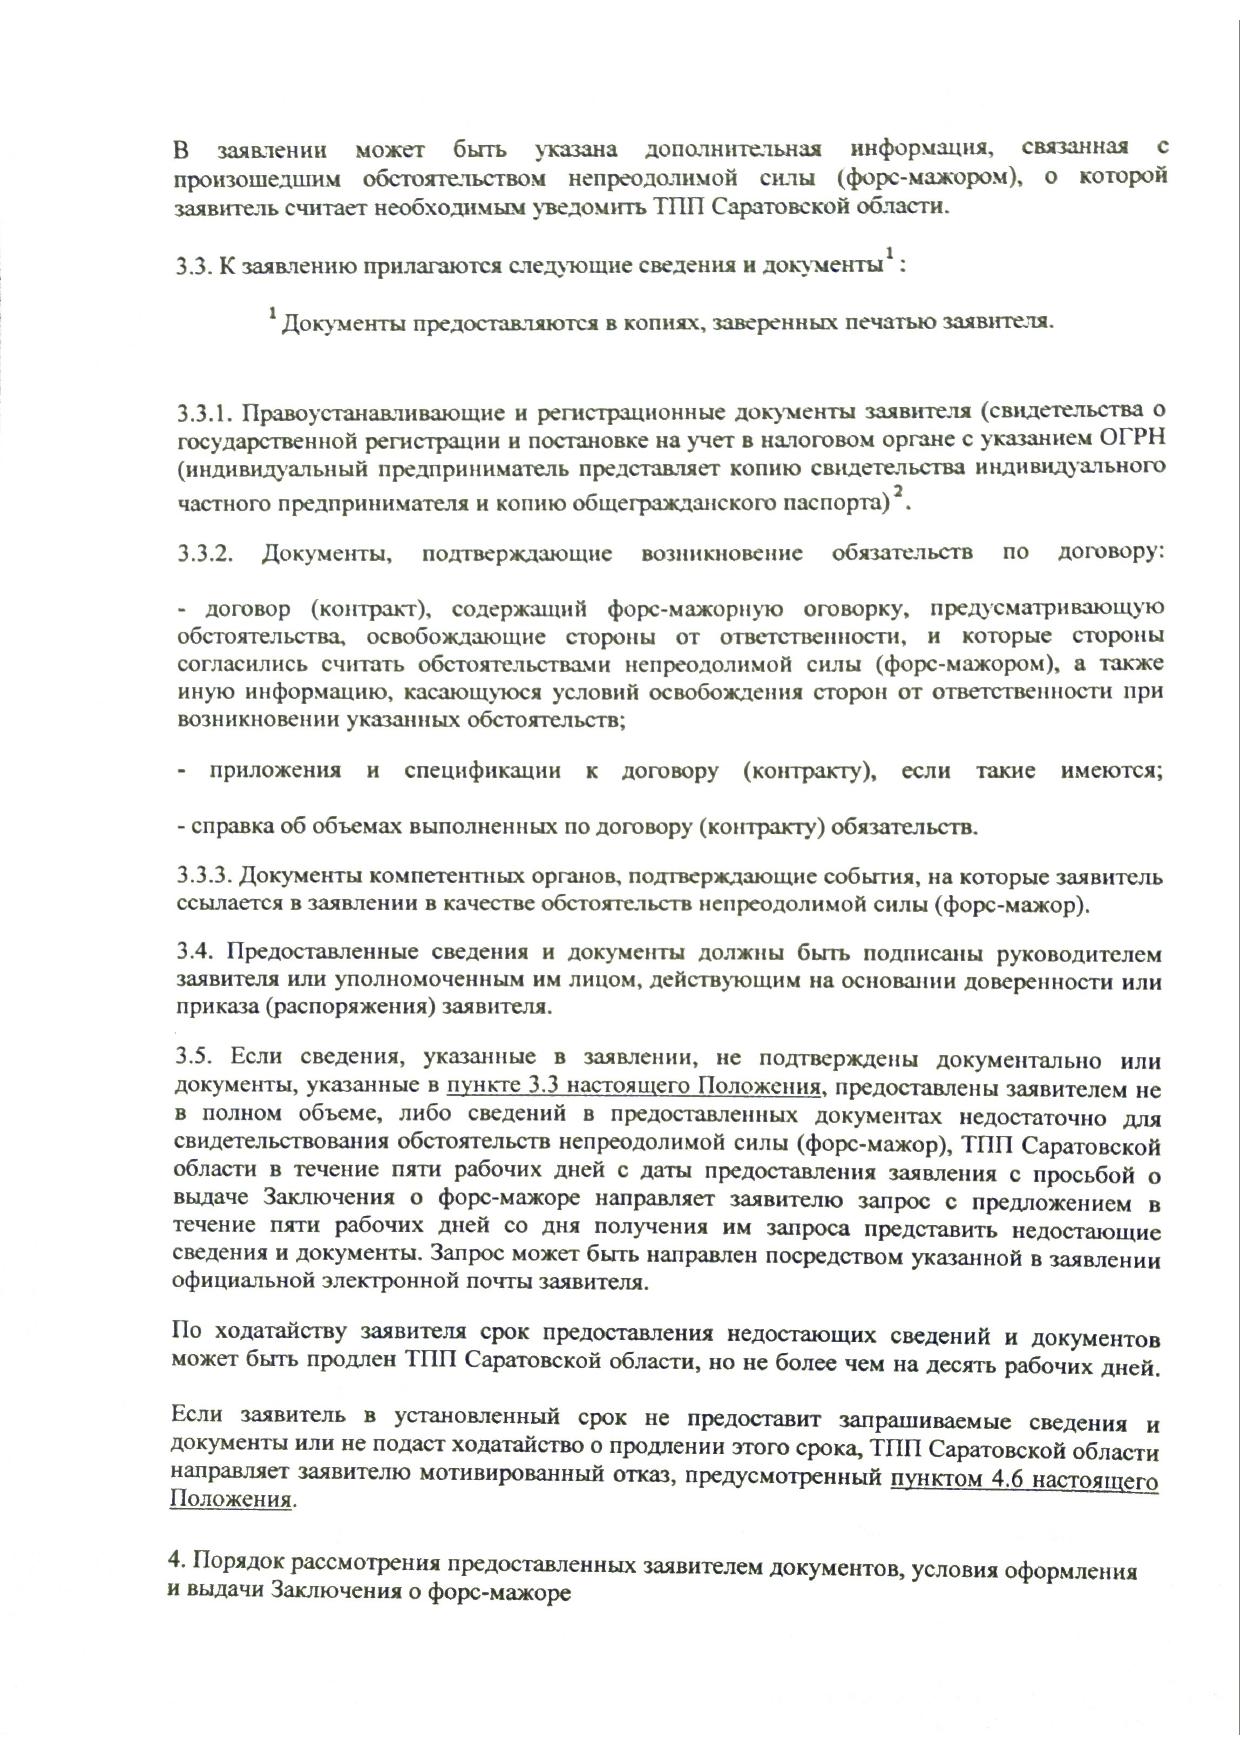 Положение о порядке выдачи заключений ФМ_page-0003